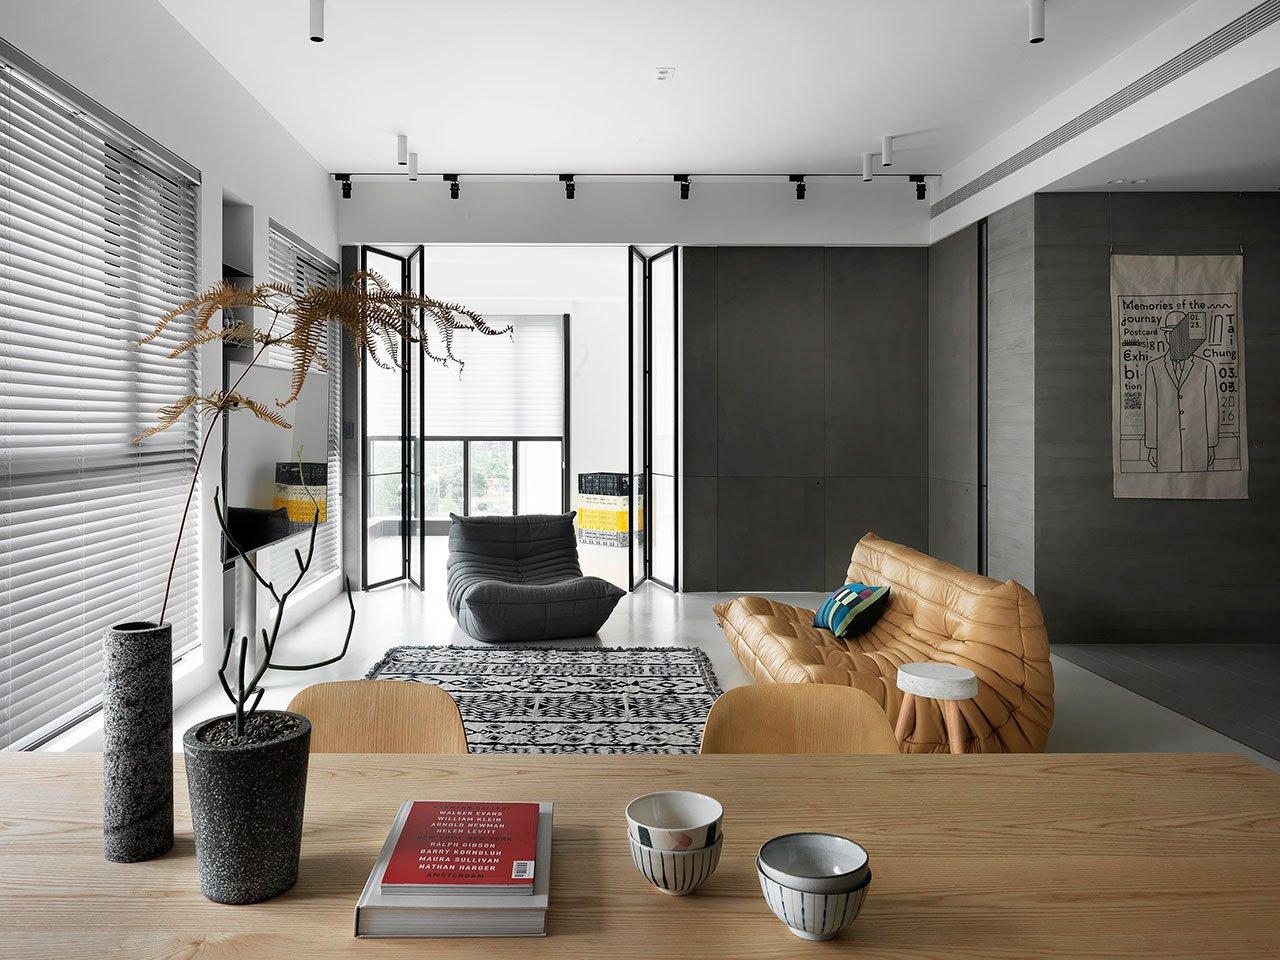 低调优雅的现代简约风装修,带您体验独特的高审美设计